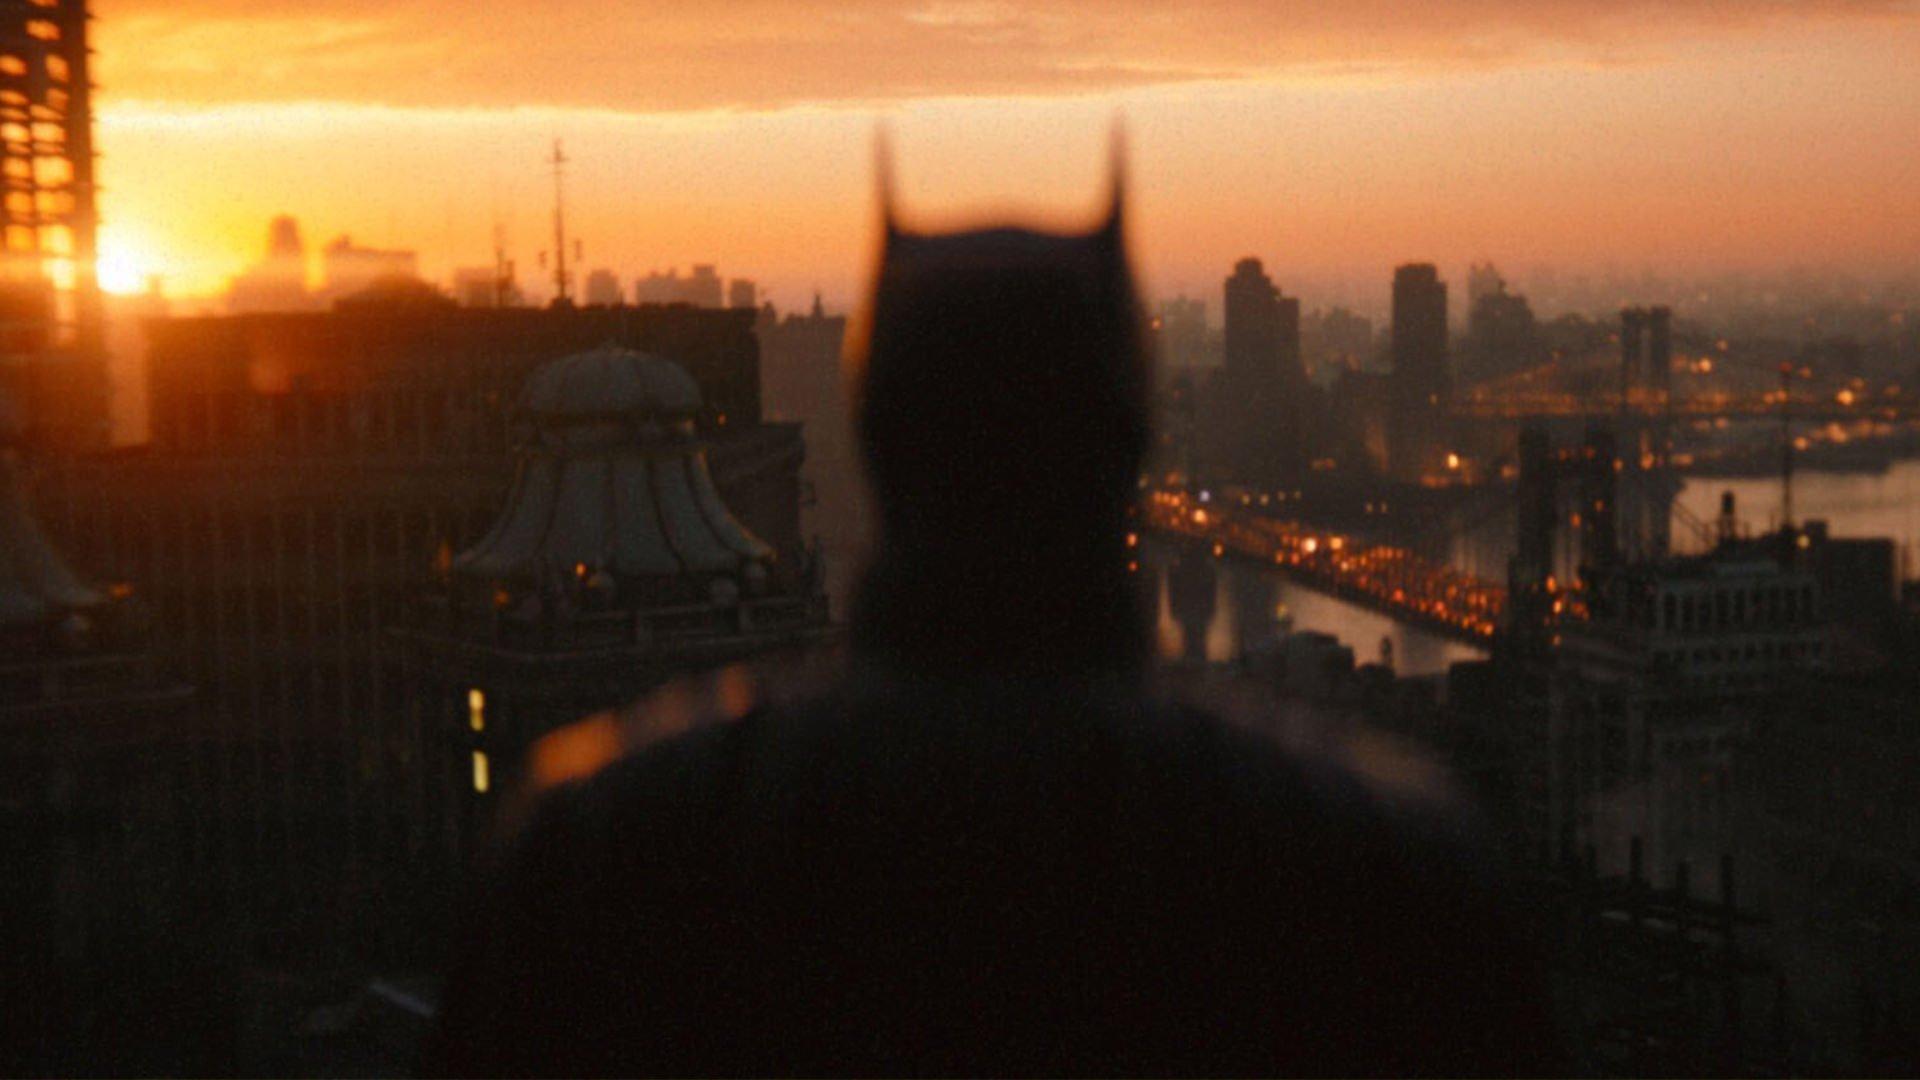 تریلر جدید فیلم The Batman منتشر شد